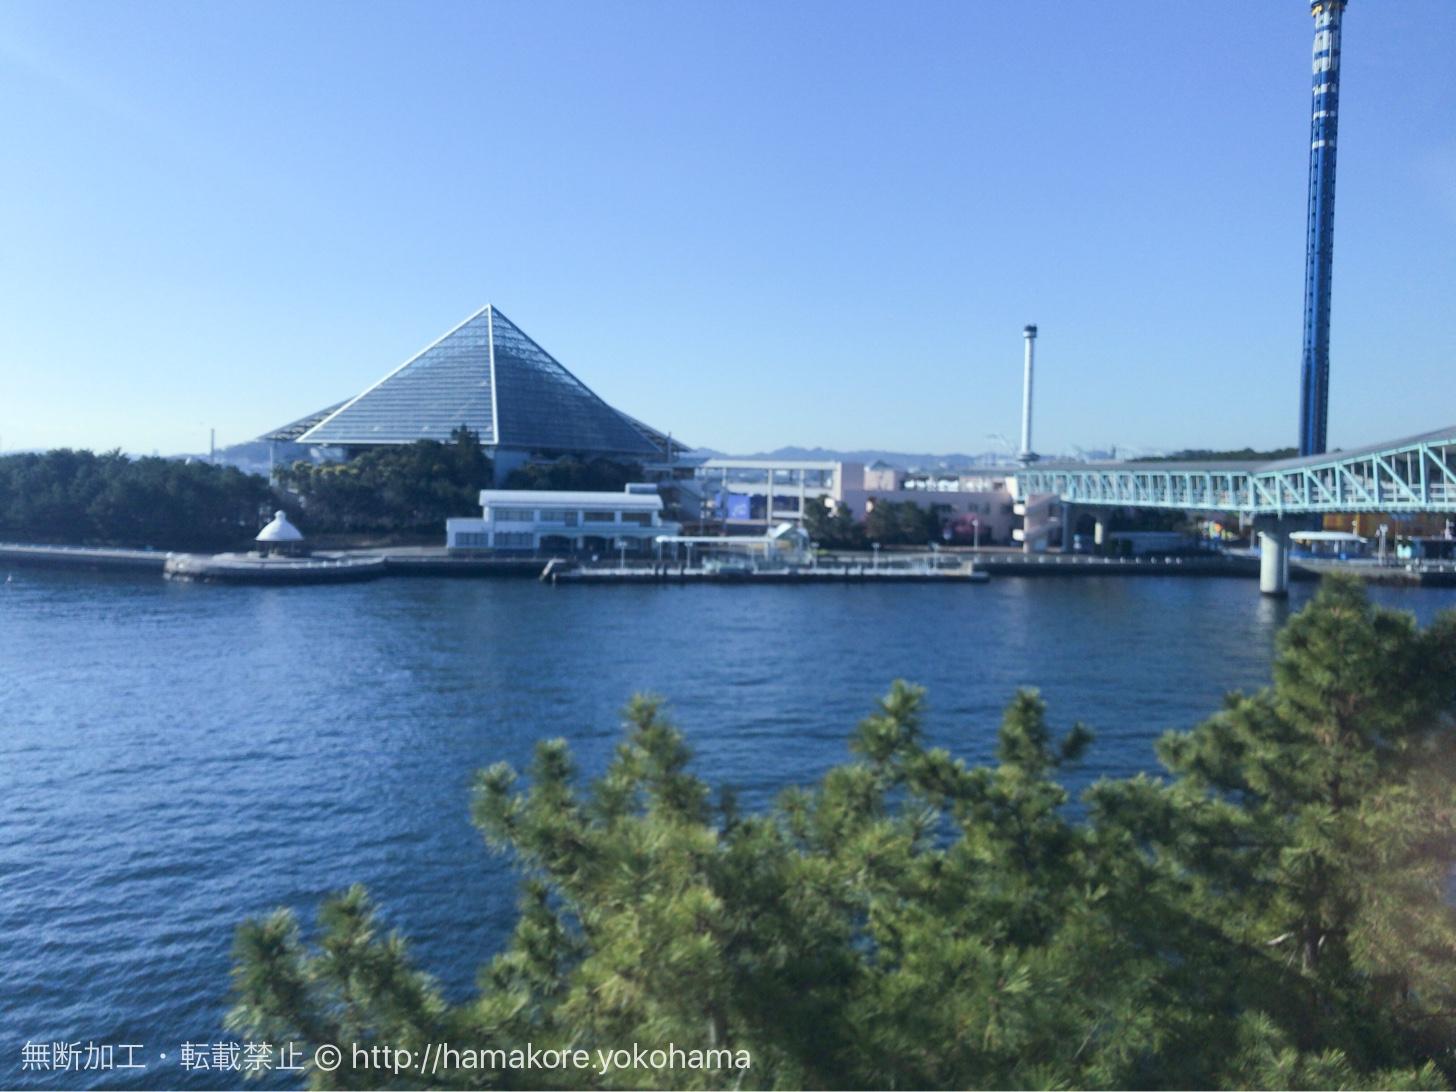 シーサイドラインから見た横浜・八景島シーパラダイス